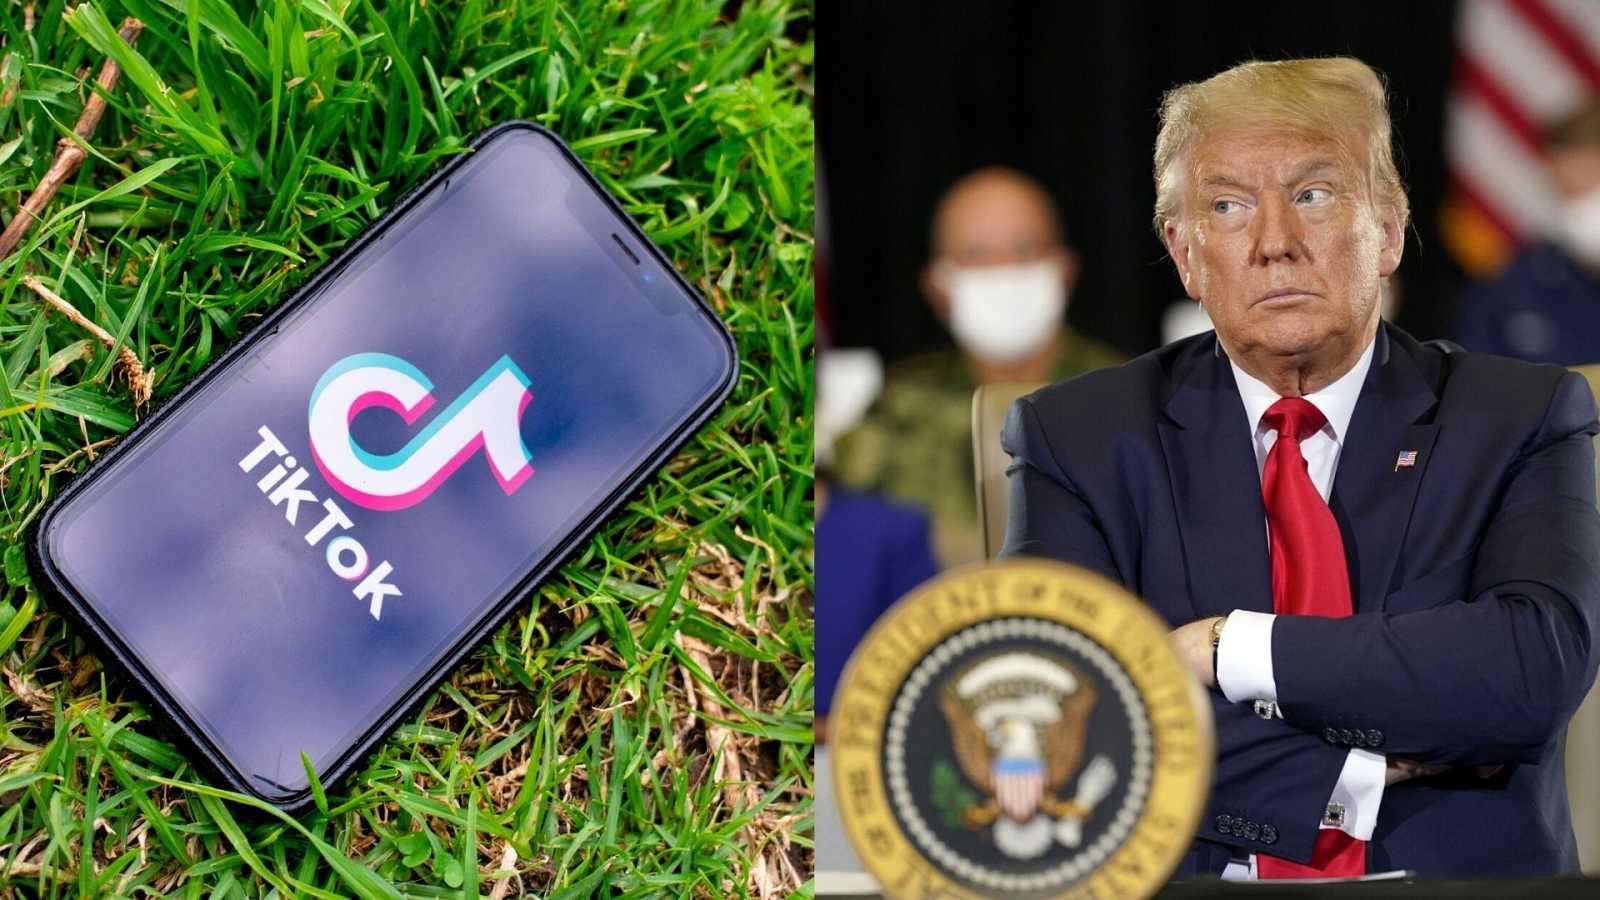 Usuarios de TikTok boicotean la app oficial de Trump - PLAYZ